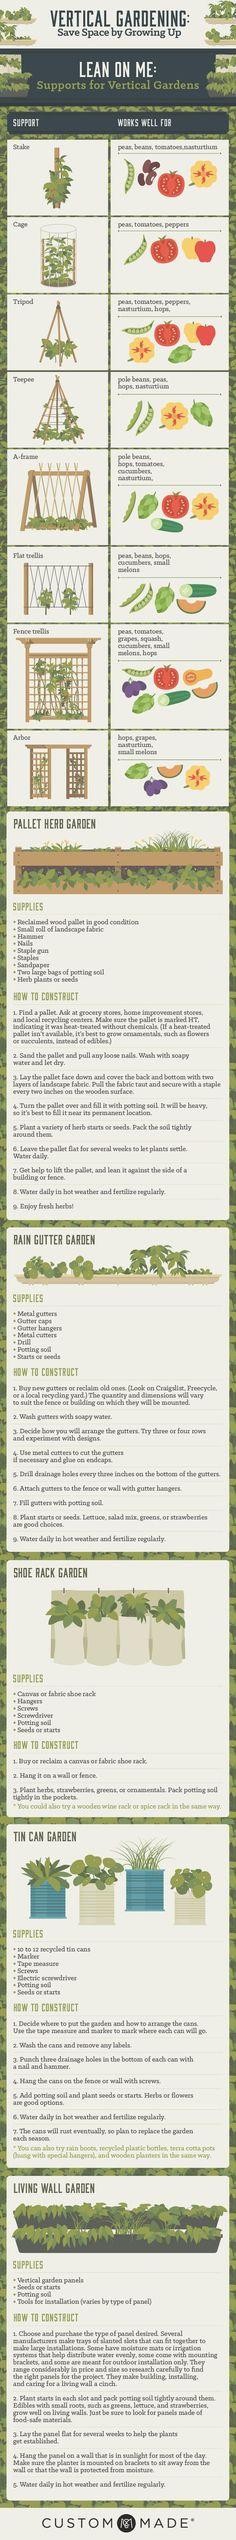 How to grow a vertical garden #gardenvinesbeautiful #howtourbangarden